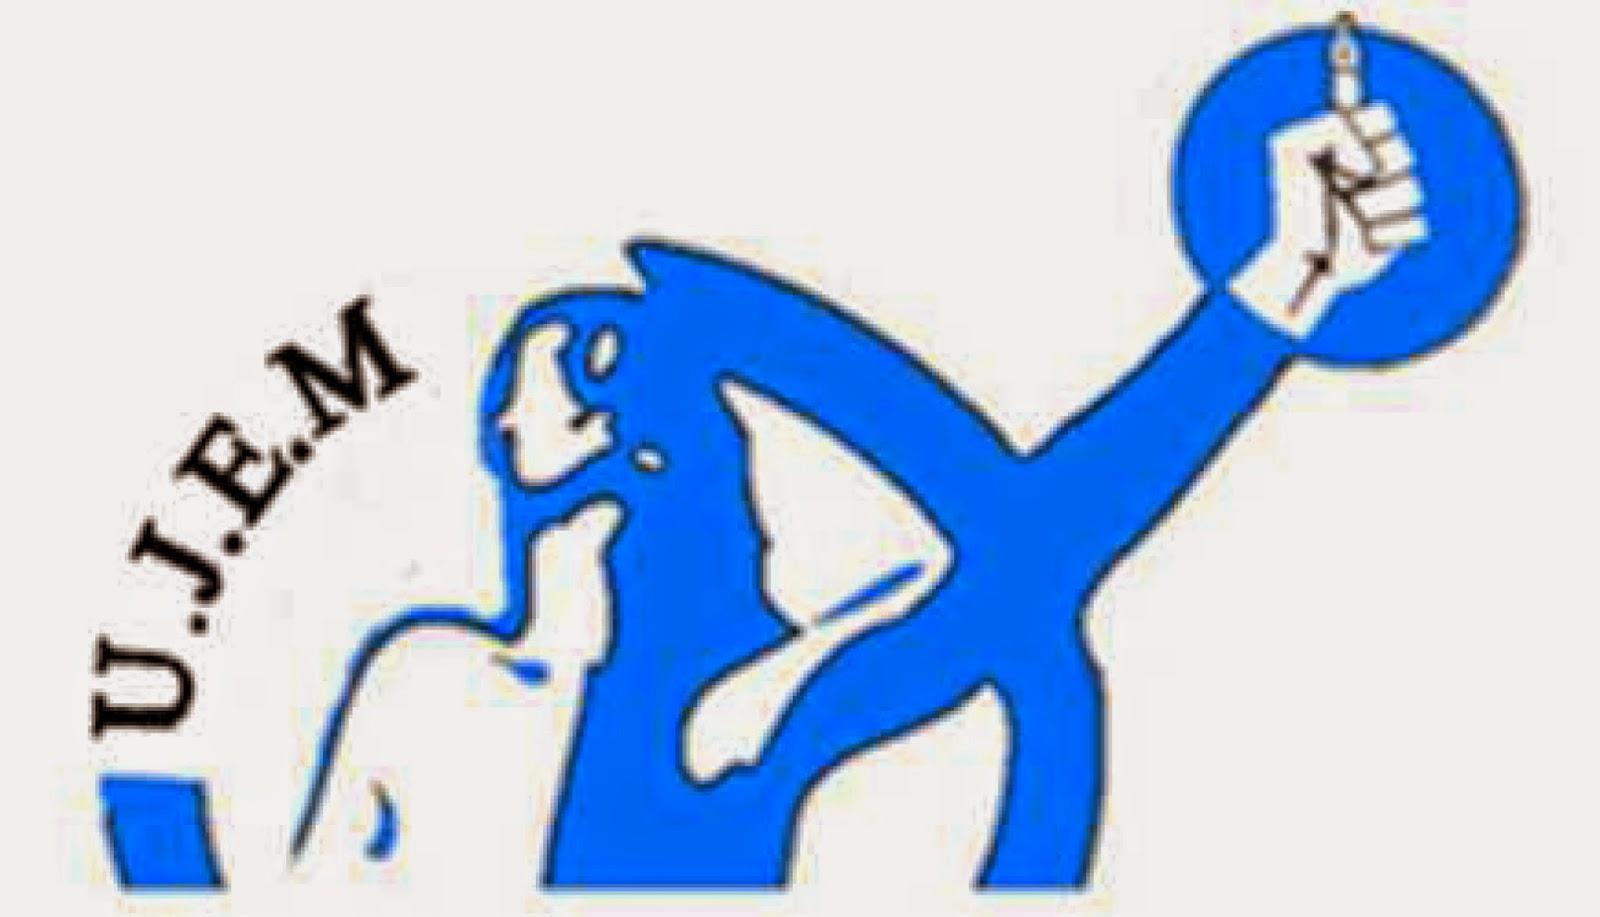 المكتب الوطني لاتحاد شباب التعليم بالمغرب (إِ.شَ.تَ.مَ JEM)، يستنكر إقصاء الموظفين من اجتياز مباراة ولوج المراكز الجهوية